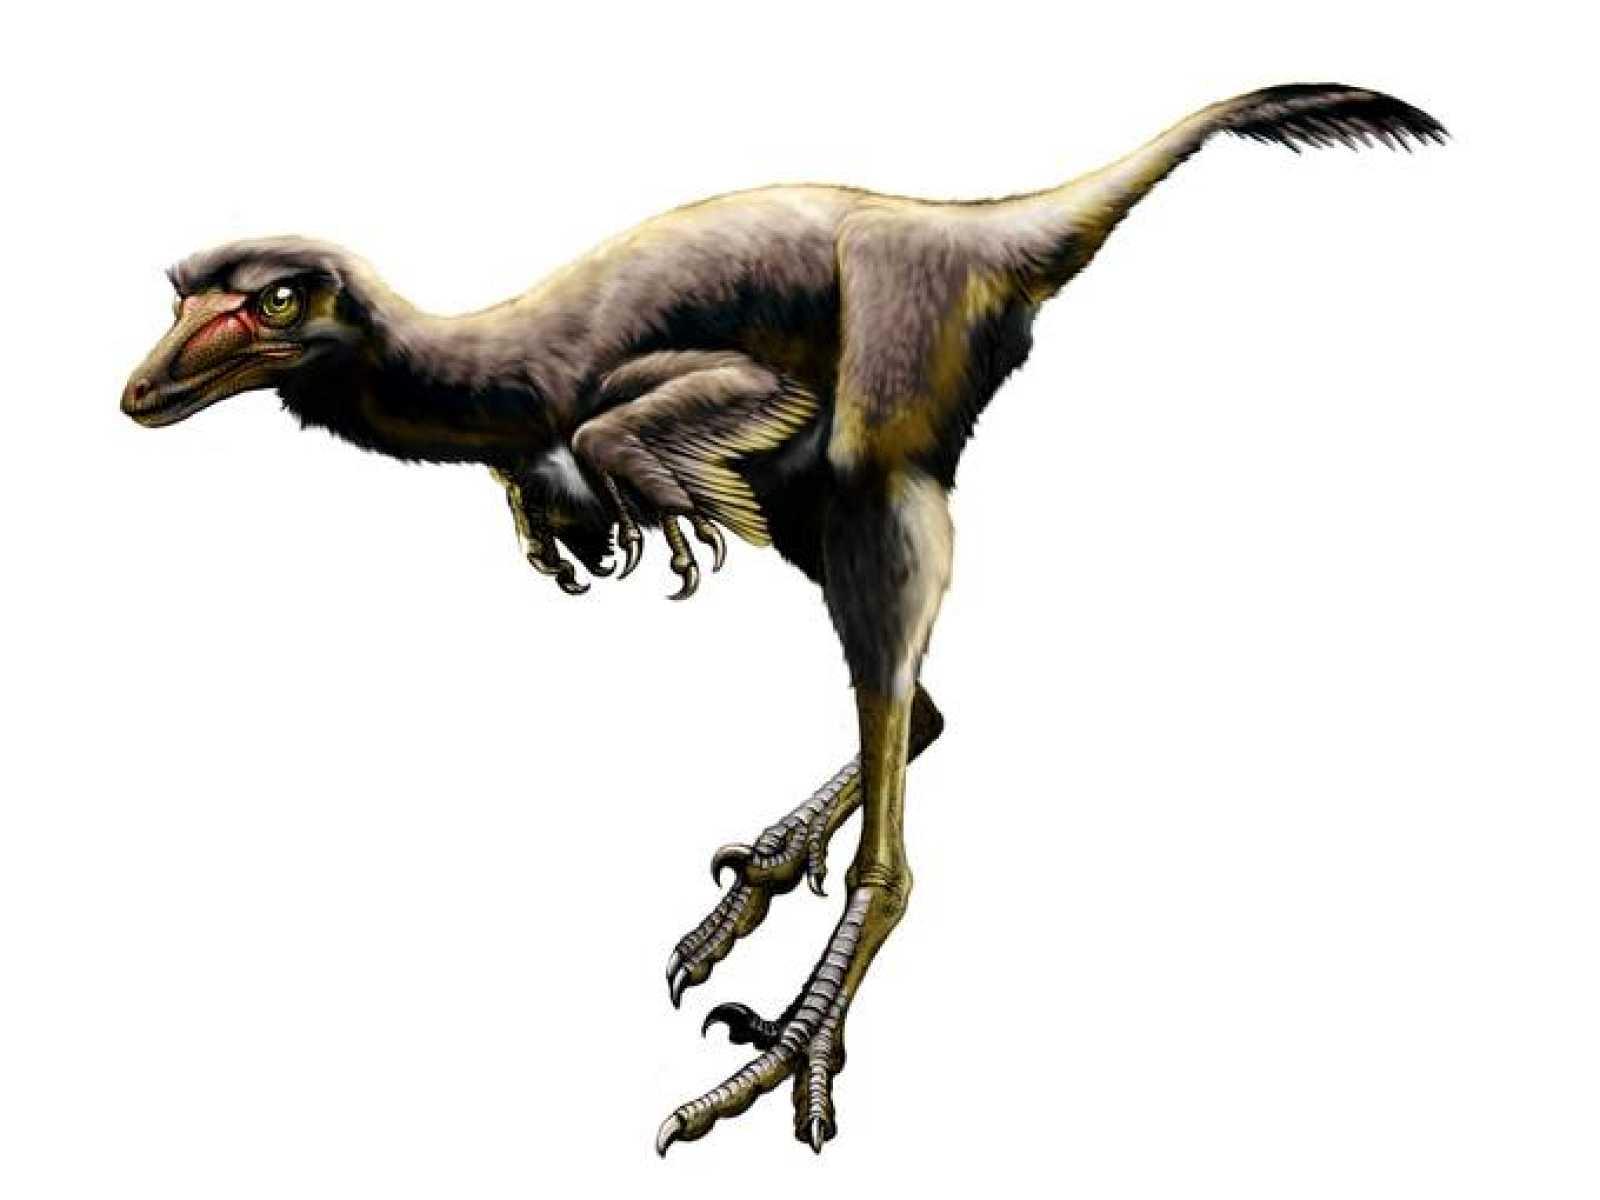 Descubren Un Nuevo Dinosaurio Raptor En Estados Unidos El Primero En 75 Anos Rtve Es Dinosaurios by raptor la serpiente visionaria, released 26 march 2019 1. descubren un nuevo dinosaurio raptor